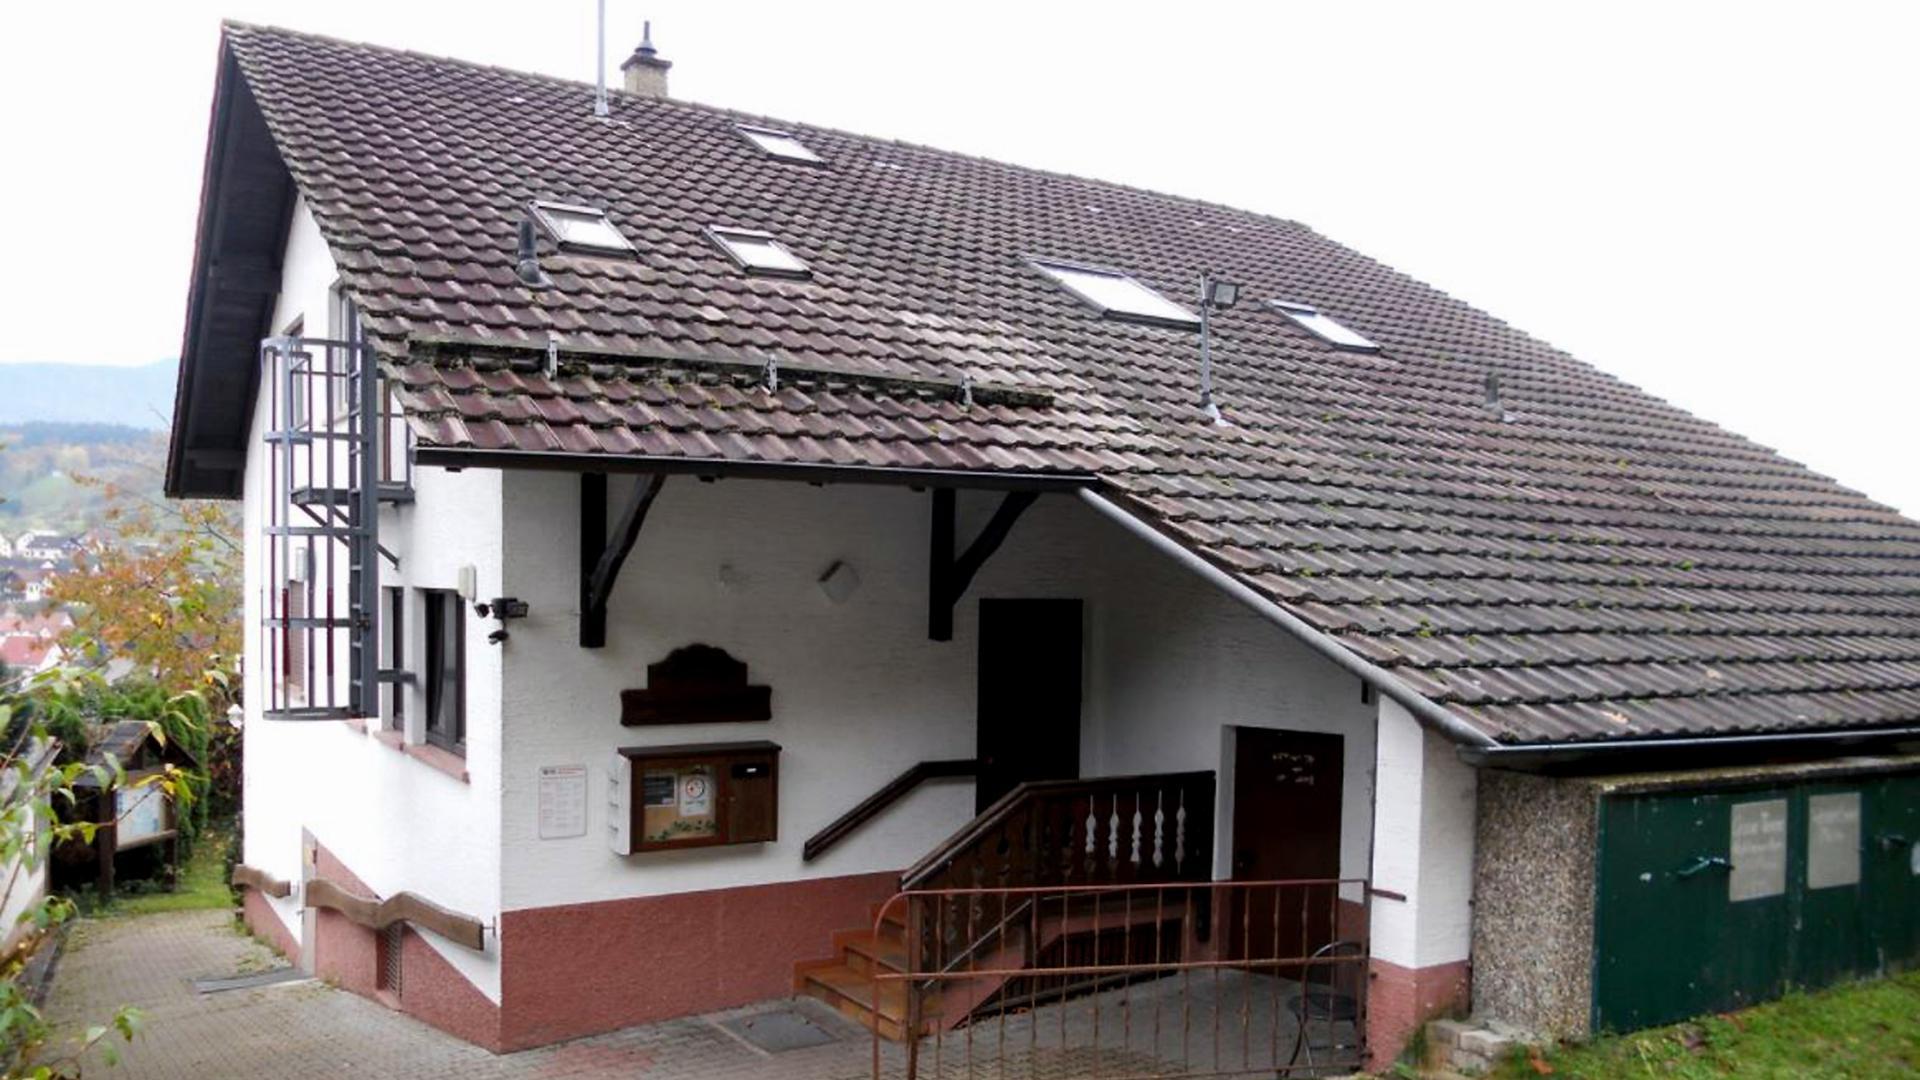 Hängepartie in Hanglage: Im idyllisch am Waldrand gelegenen Naturfreundehaus in Michelbach herrscht derzeit Stille – vorerst bis Ende des Monats.